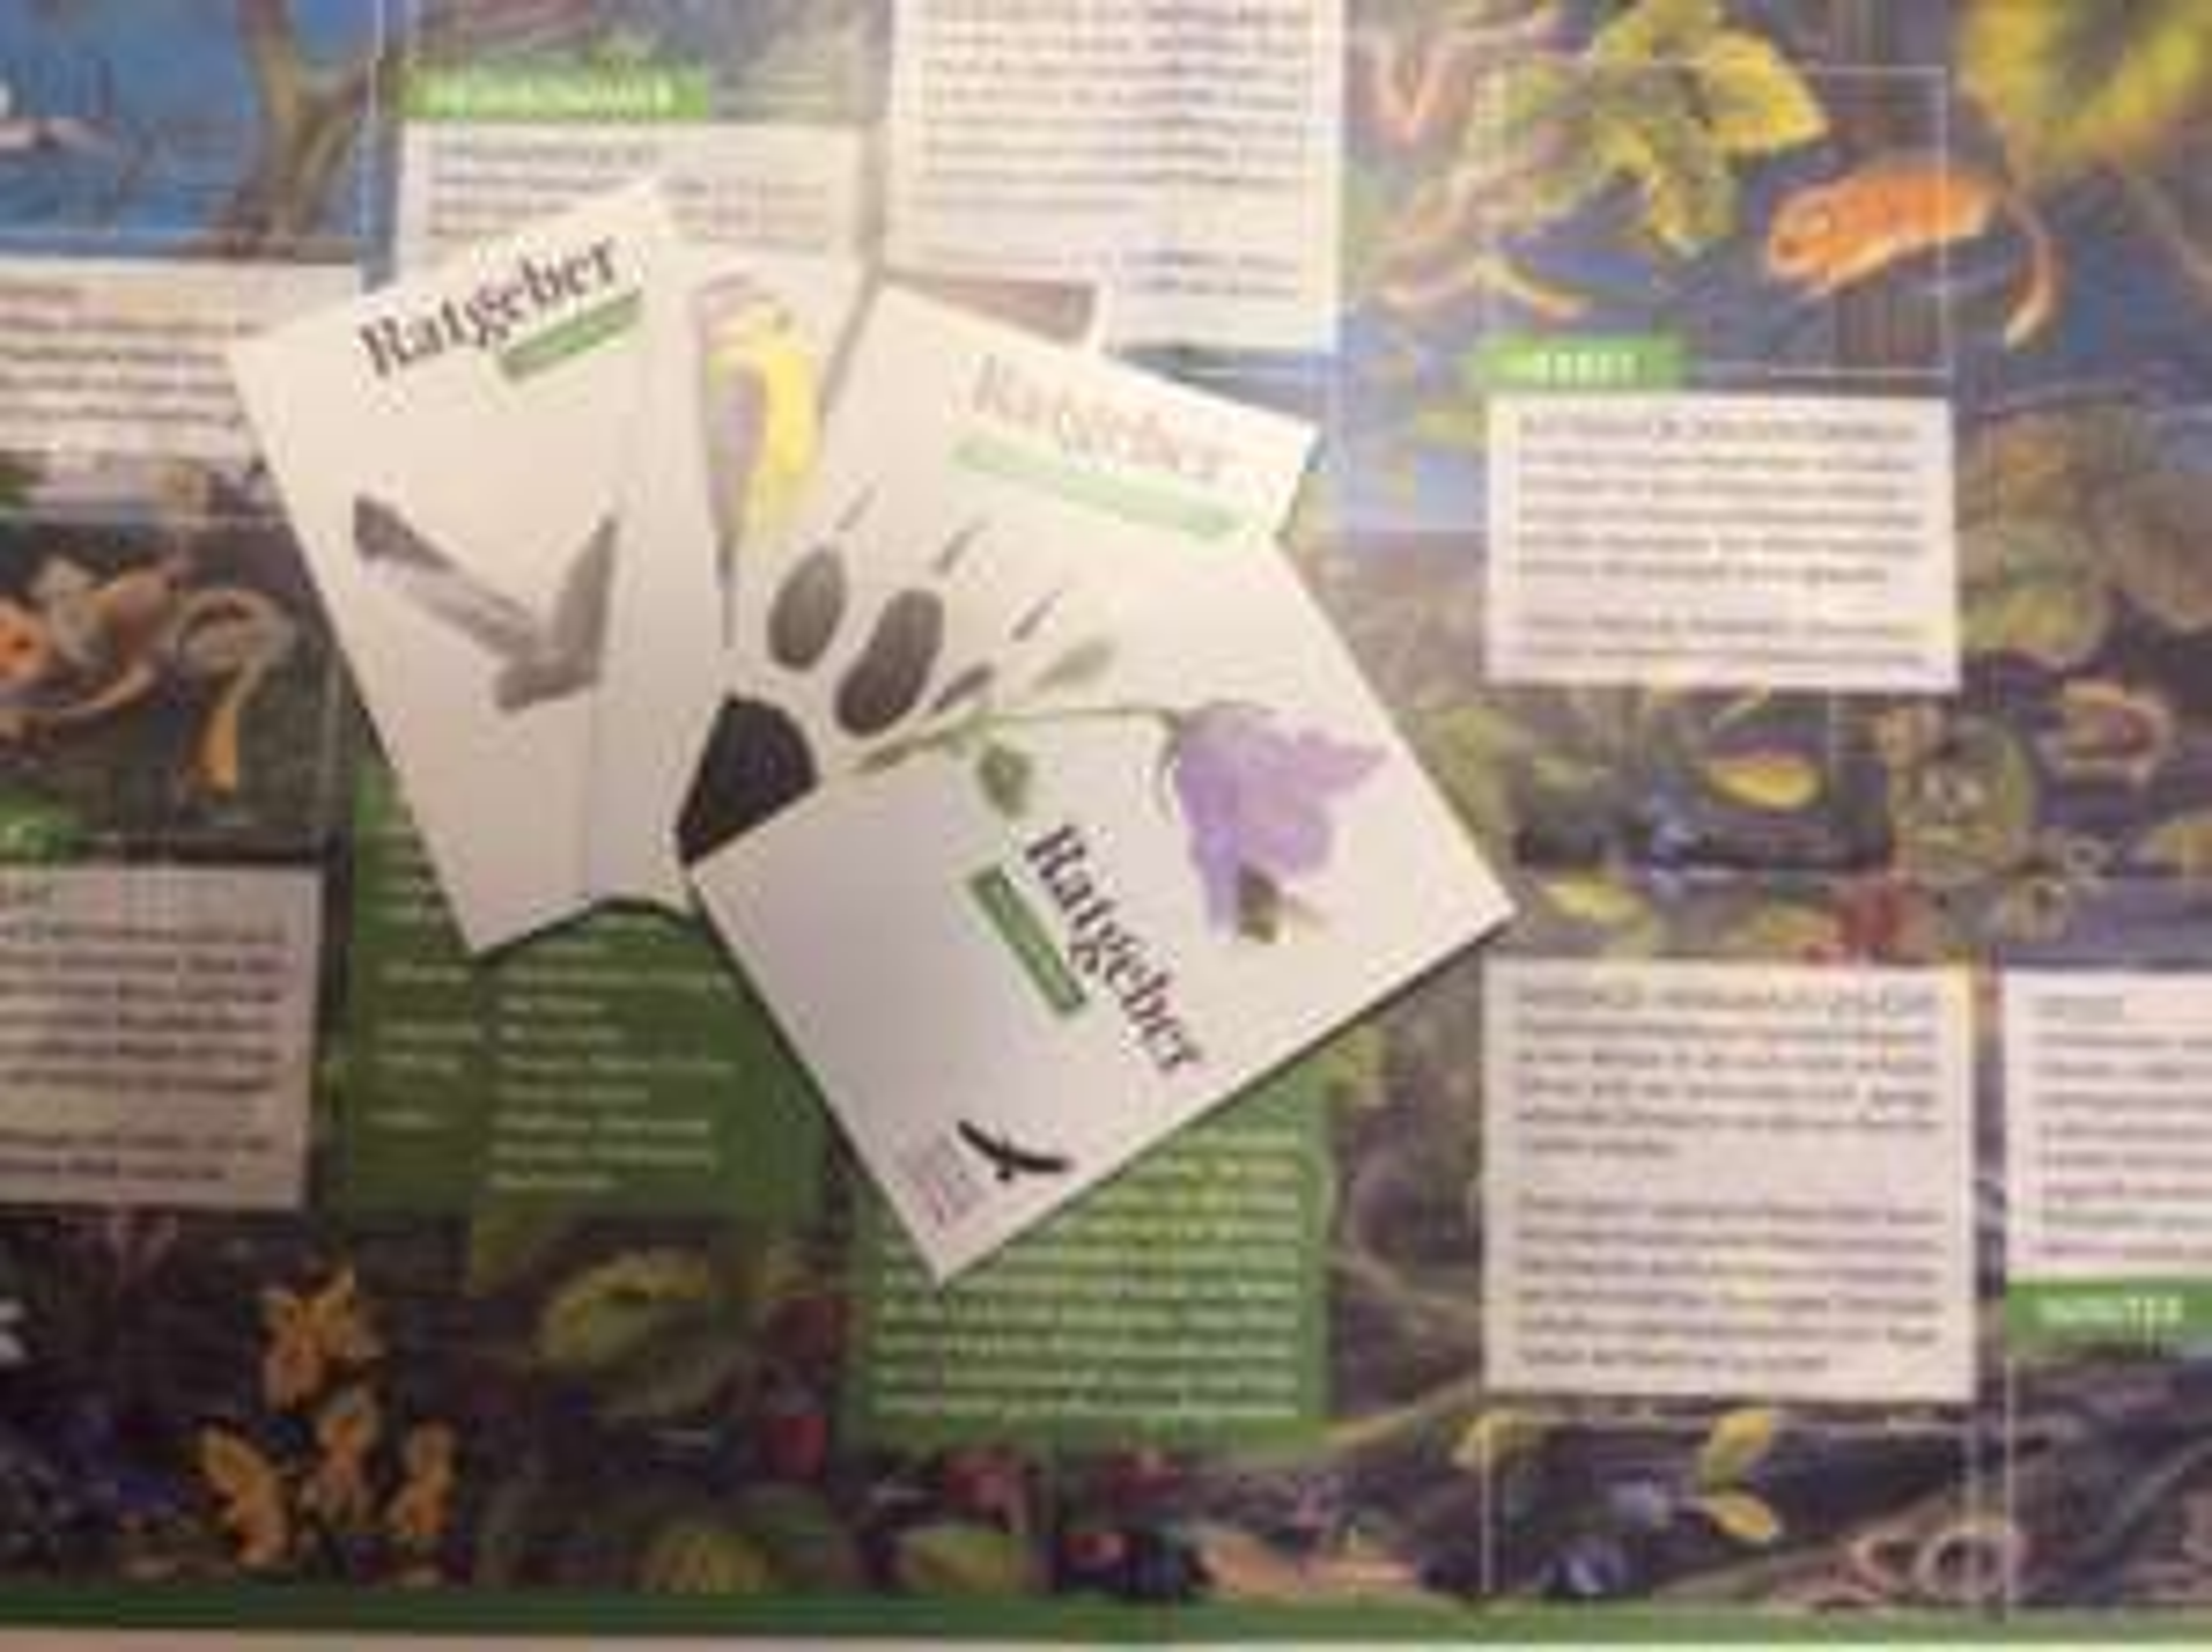 (Wildtierstiftung) Haselmaus-Poster und div. Broschüren über Wildtiere gratis